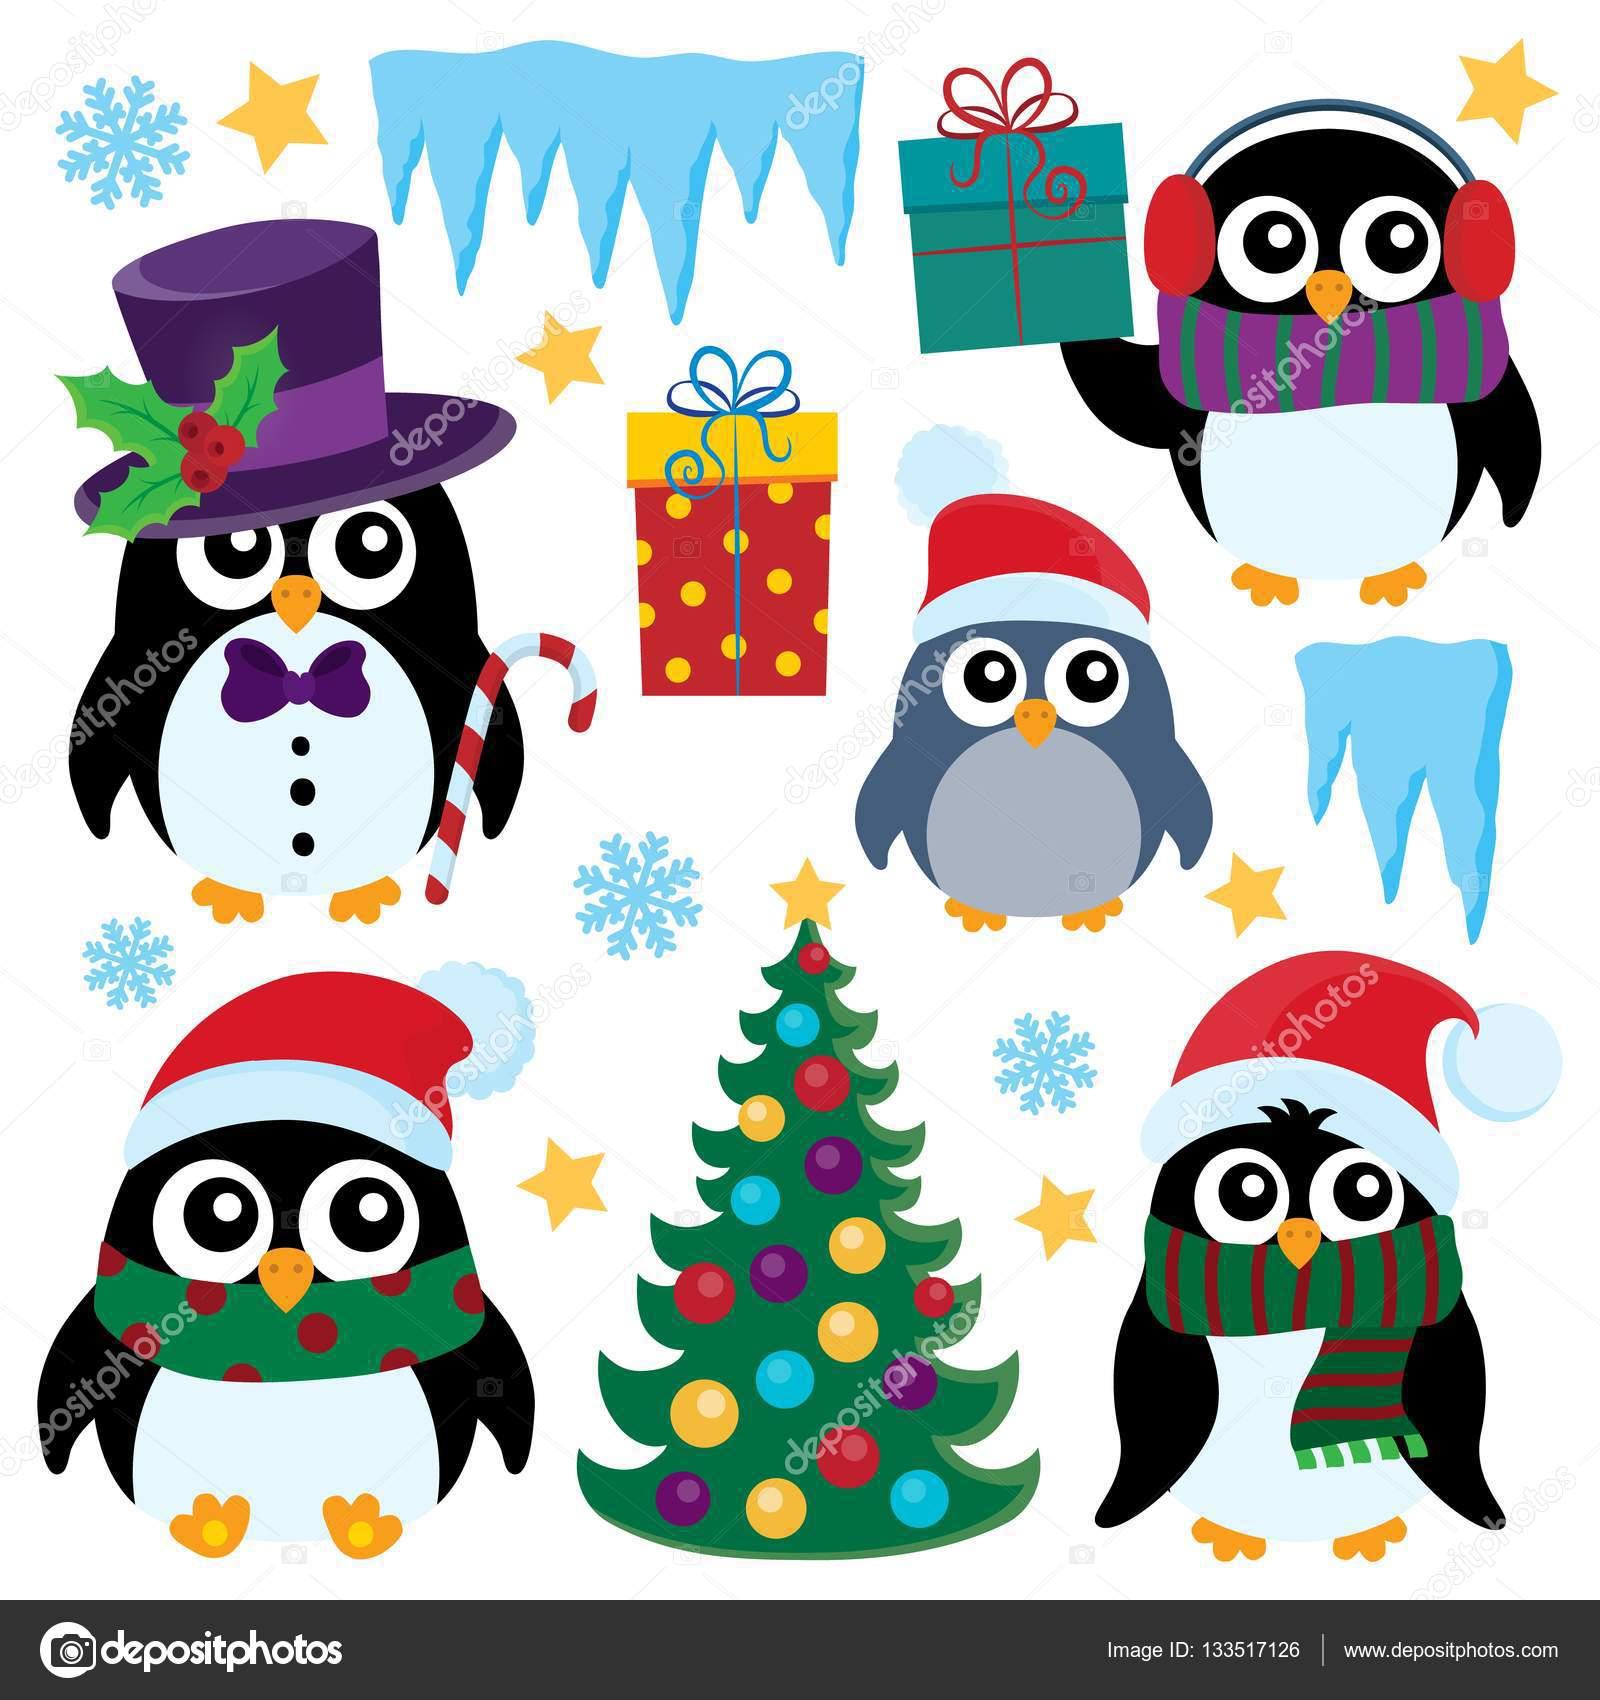 Immagini Stilizzate Di Natale.Immagini Pinguini Stilizzate Pinguini Di Natale